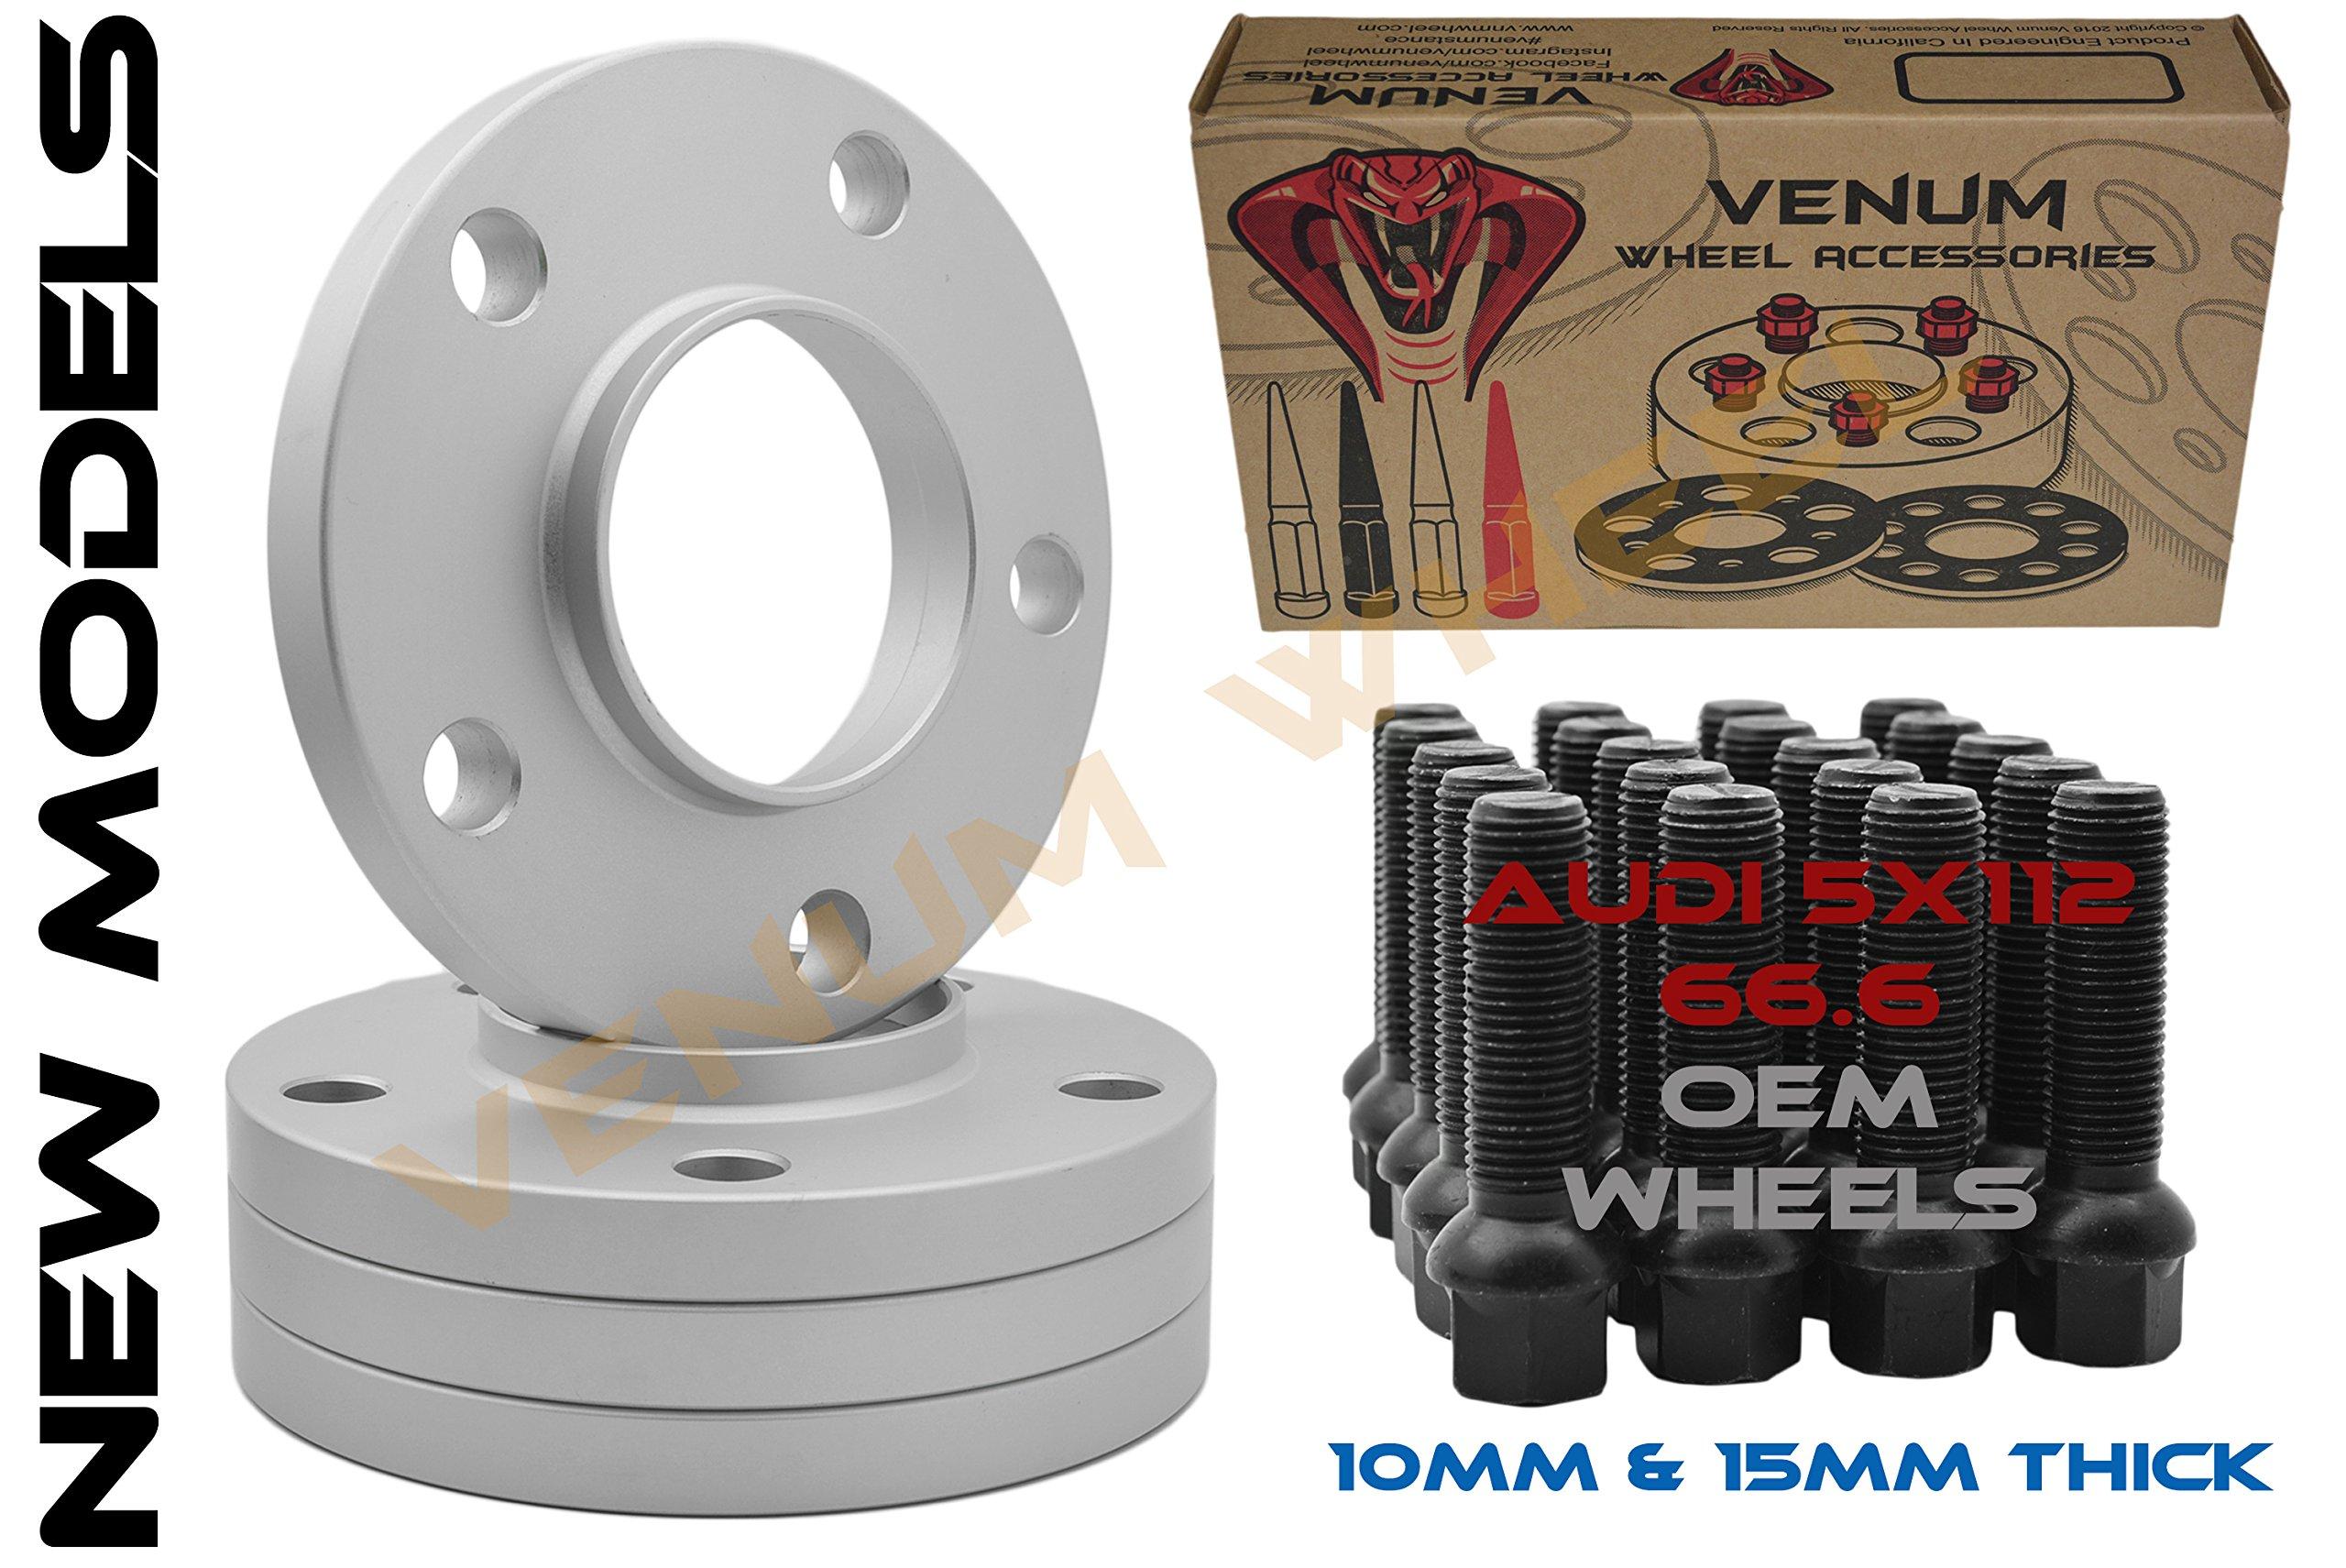 4pc Staggered 10mm & 15mm New Model (66.56 HUB) 5x112 Audi Wheel Spacers | 2009-2018 A4 A5 A6 A7 A8 All Road S4 S5 S6 S7 RS5 RS7 Q5 SQ5 W/ OEM Wheels